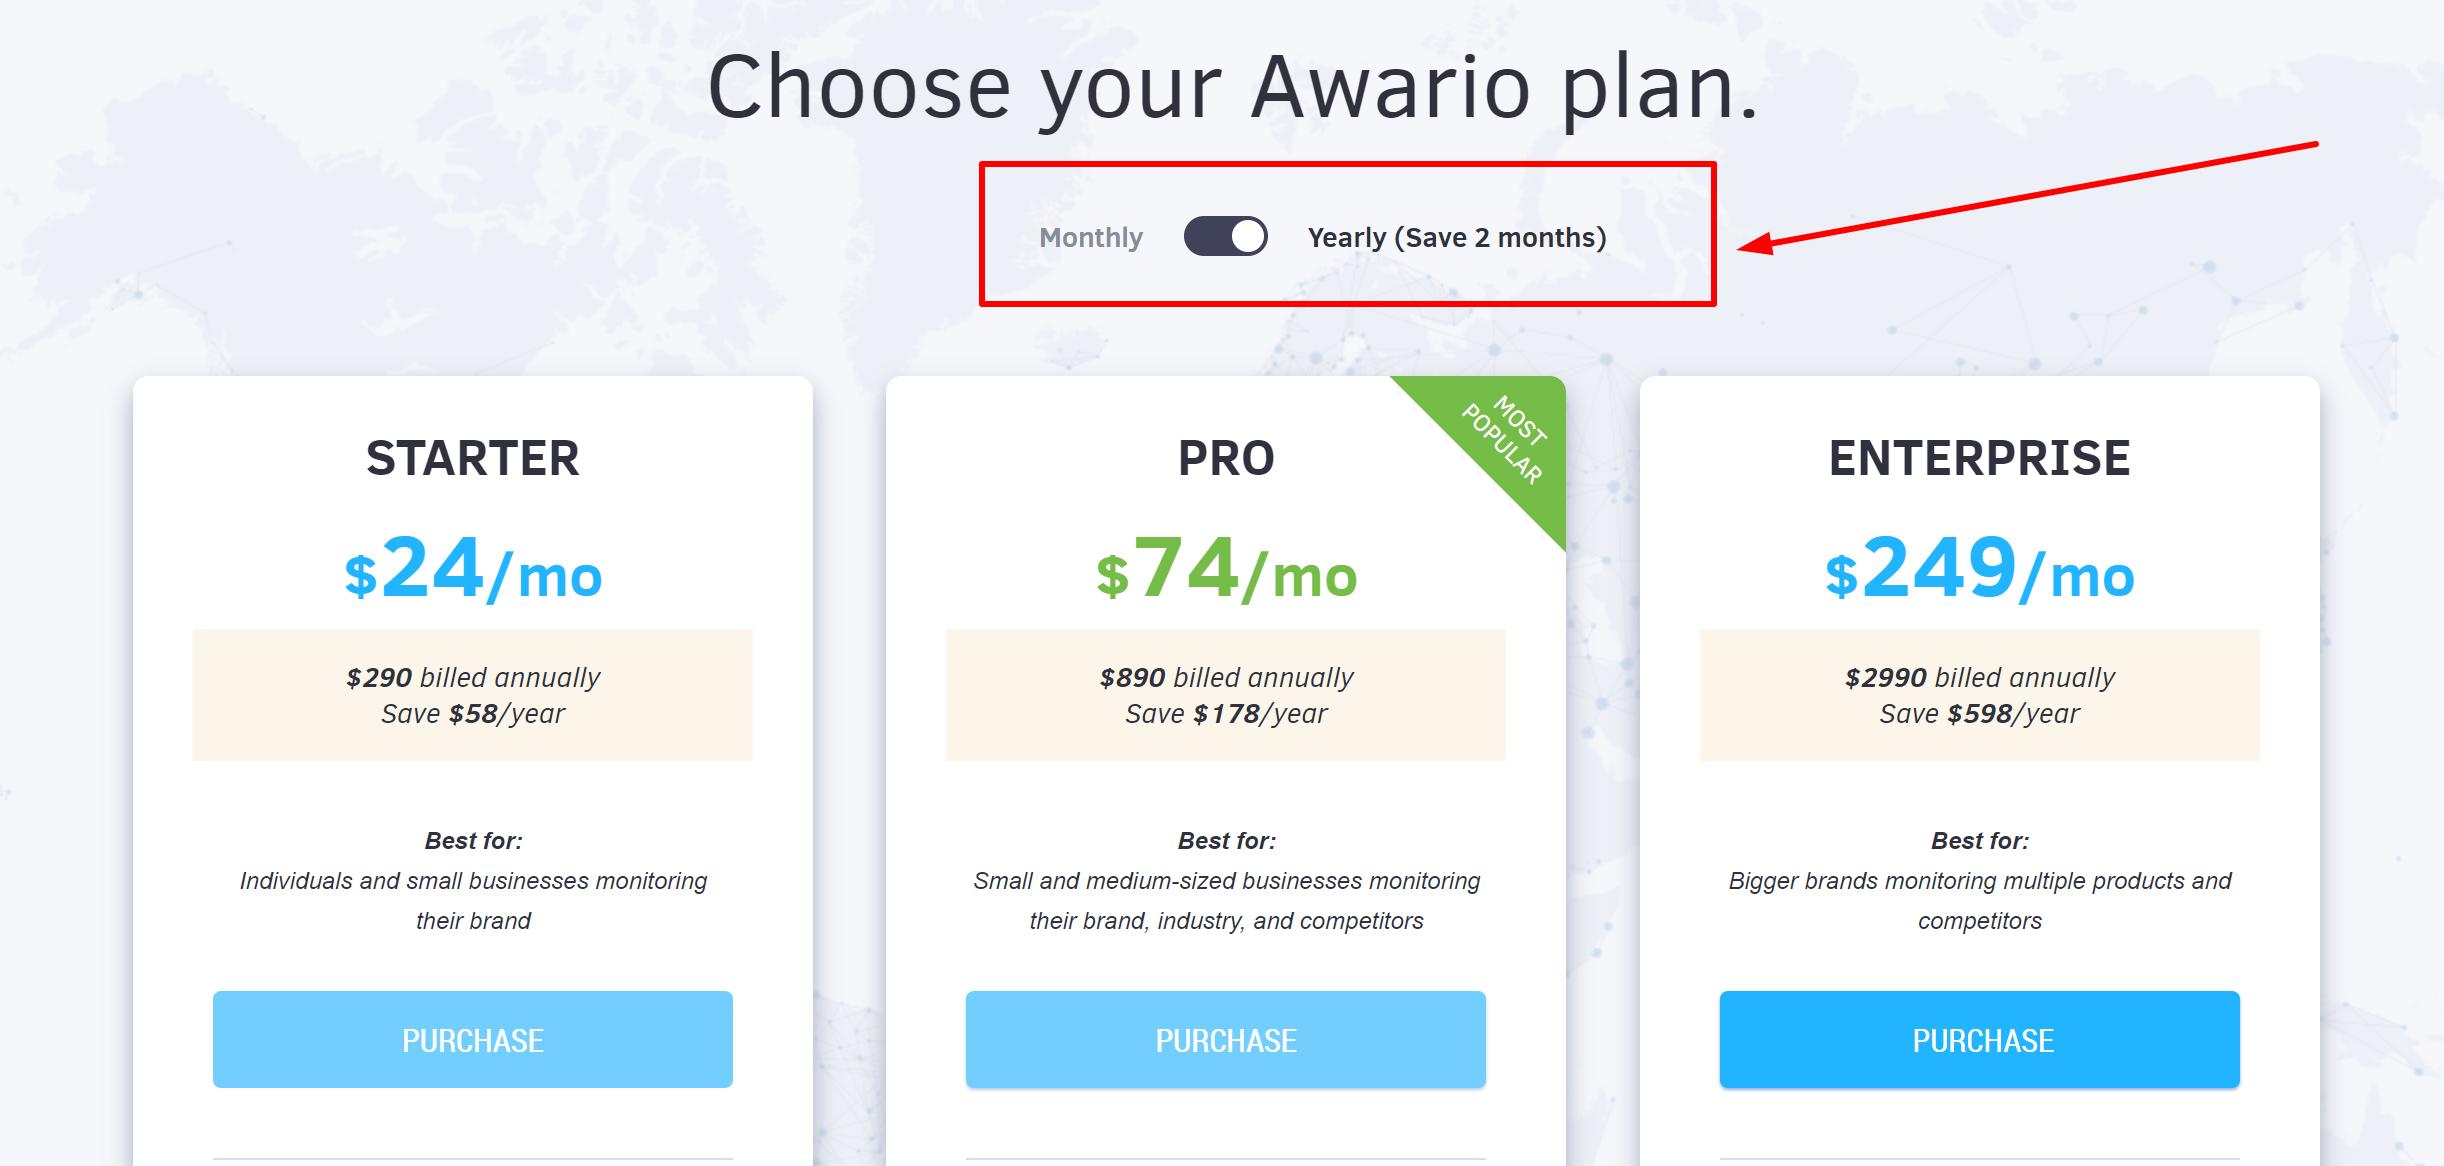 awario promo discount coupon code